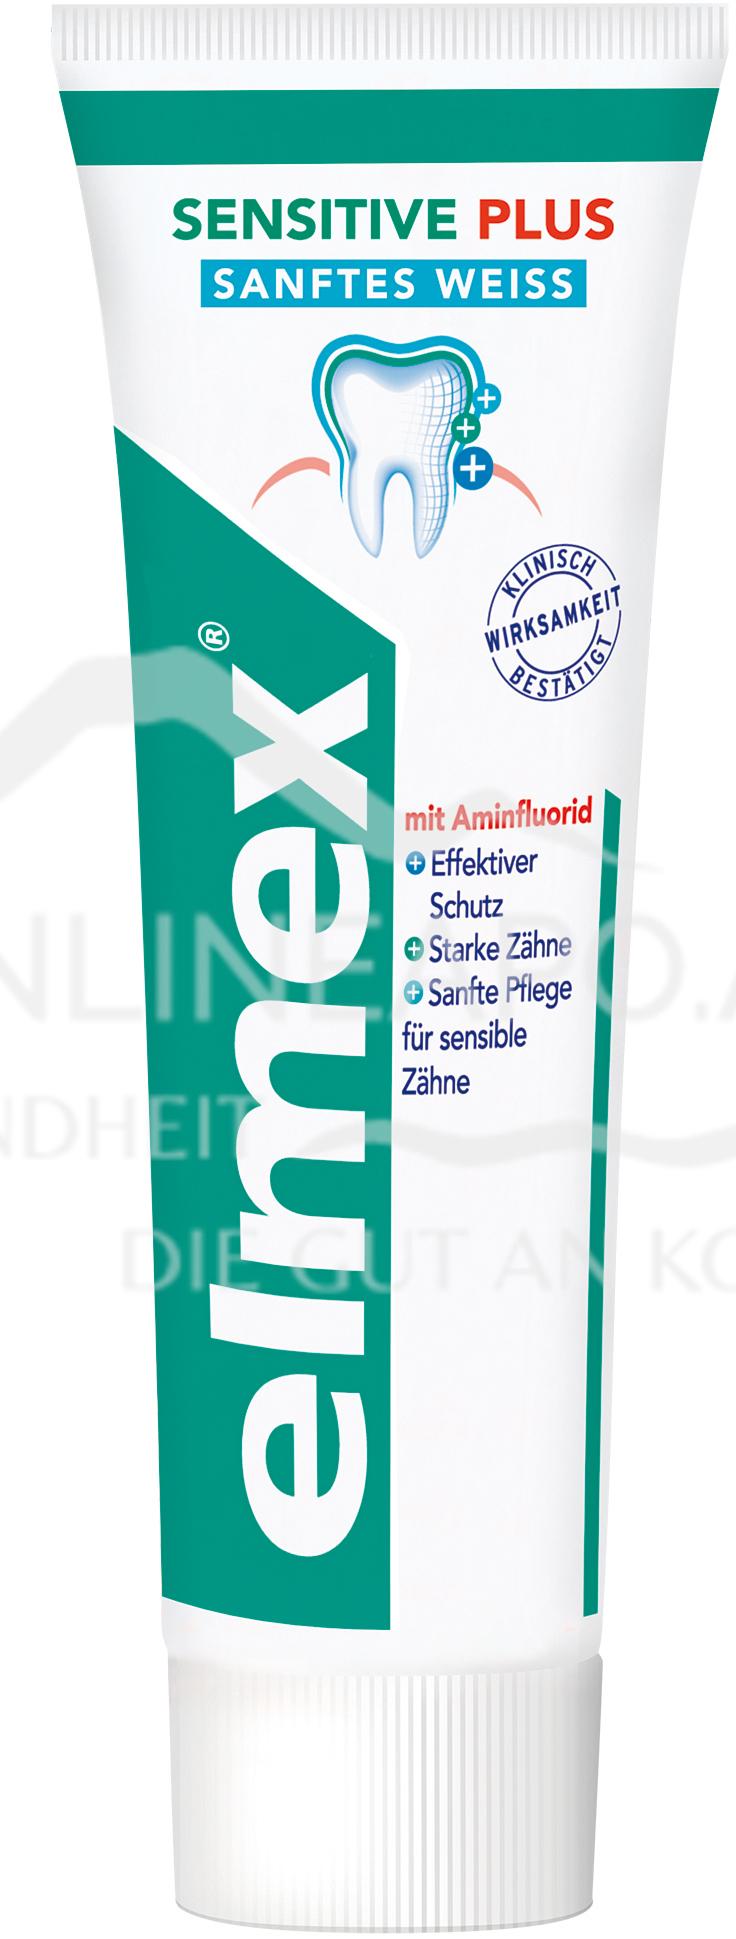 elmex® SENSITIVE PLUS sanftes Weiß Zahnpasta